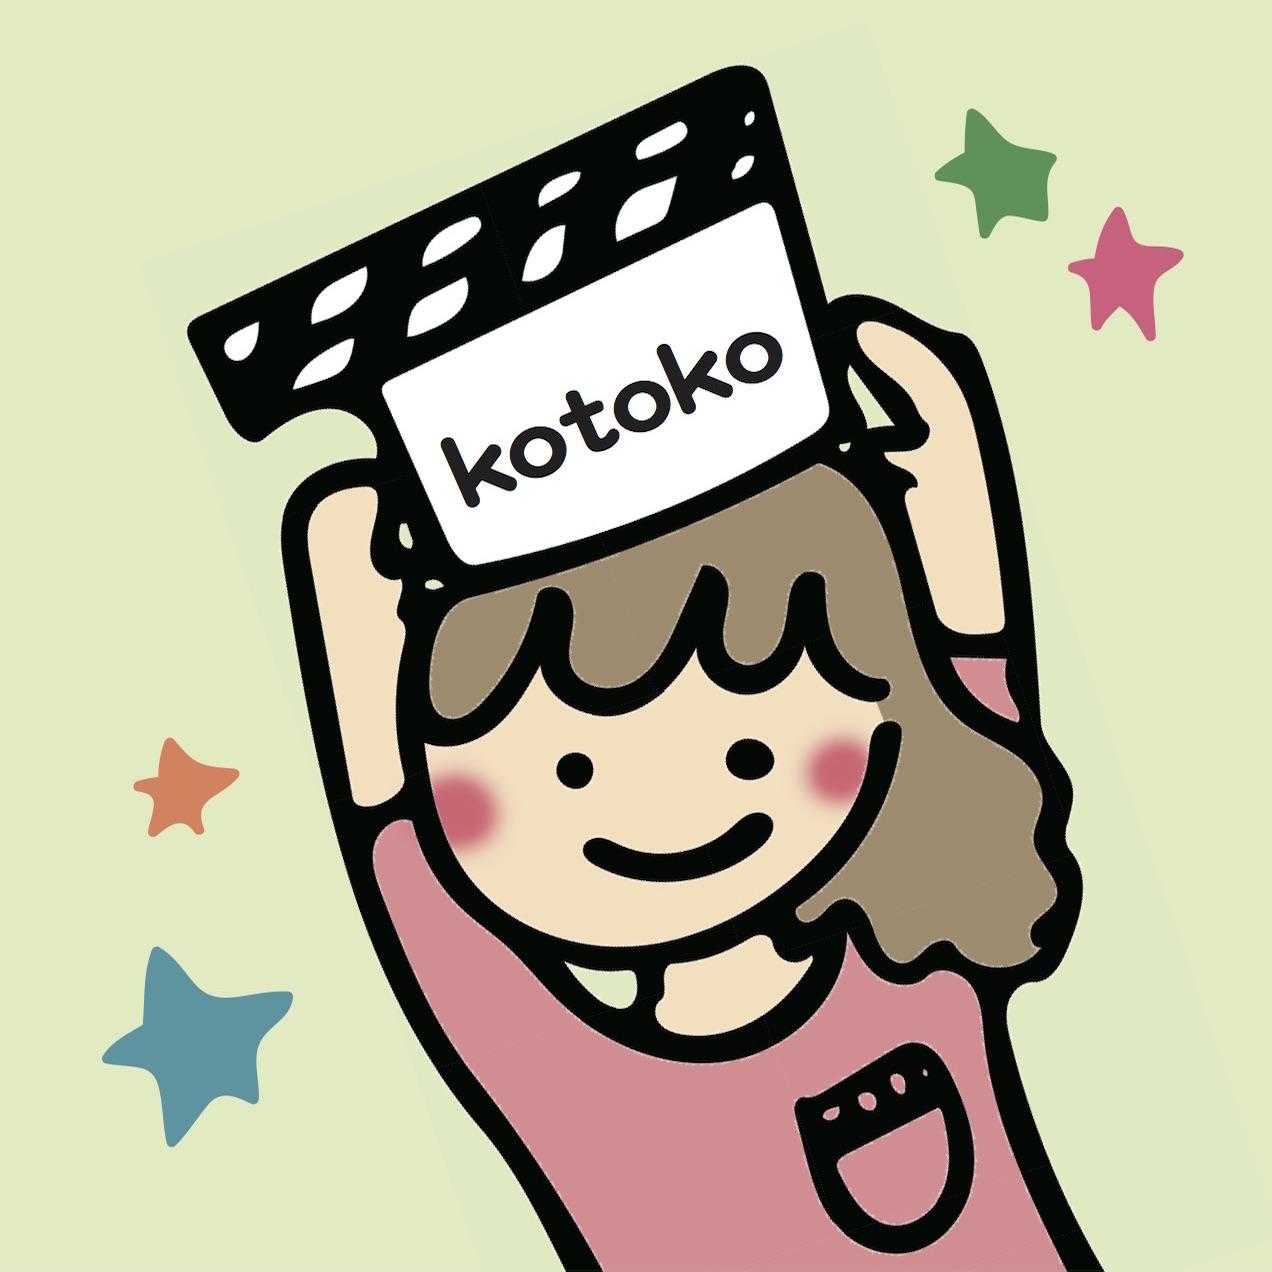 Kotopro [blog]